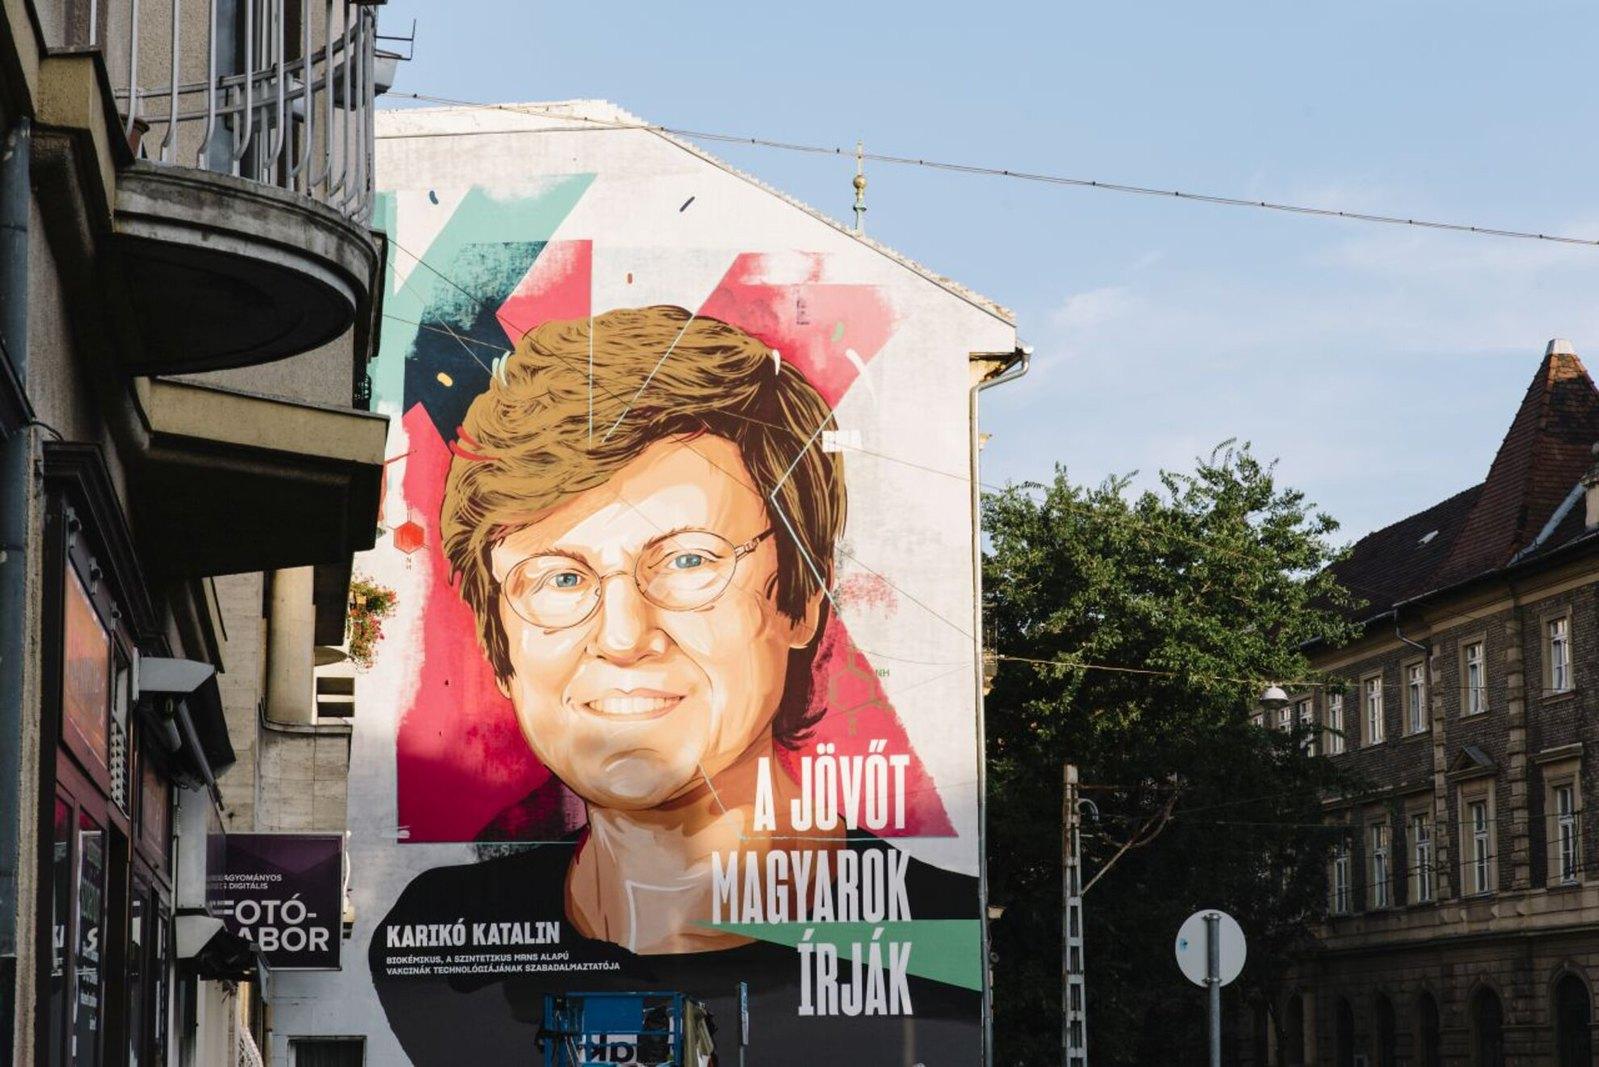 Elkészült a Karikó Katalint ábrázoló tűzfalfestmény Budapesten